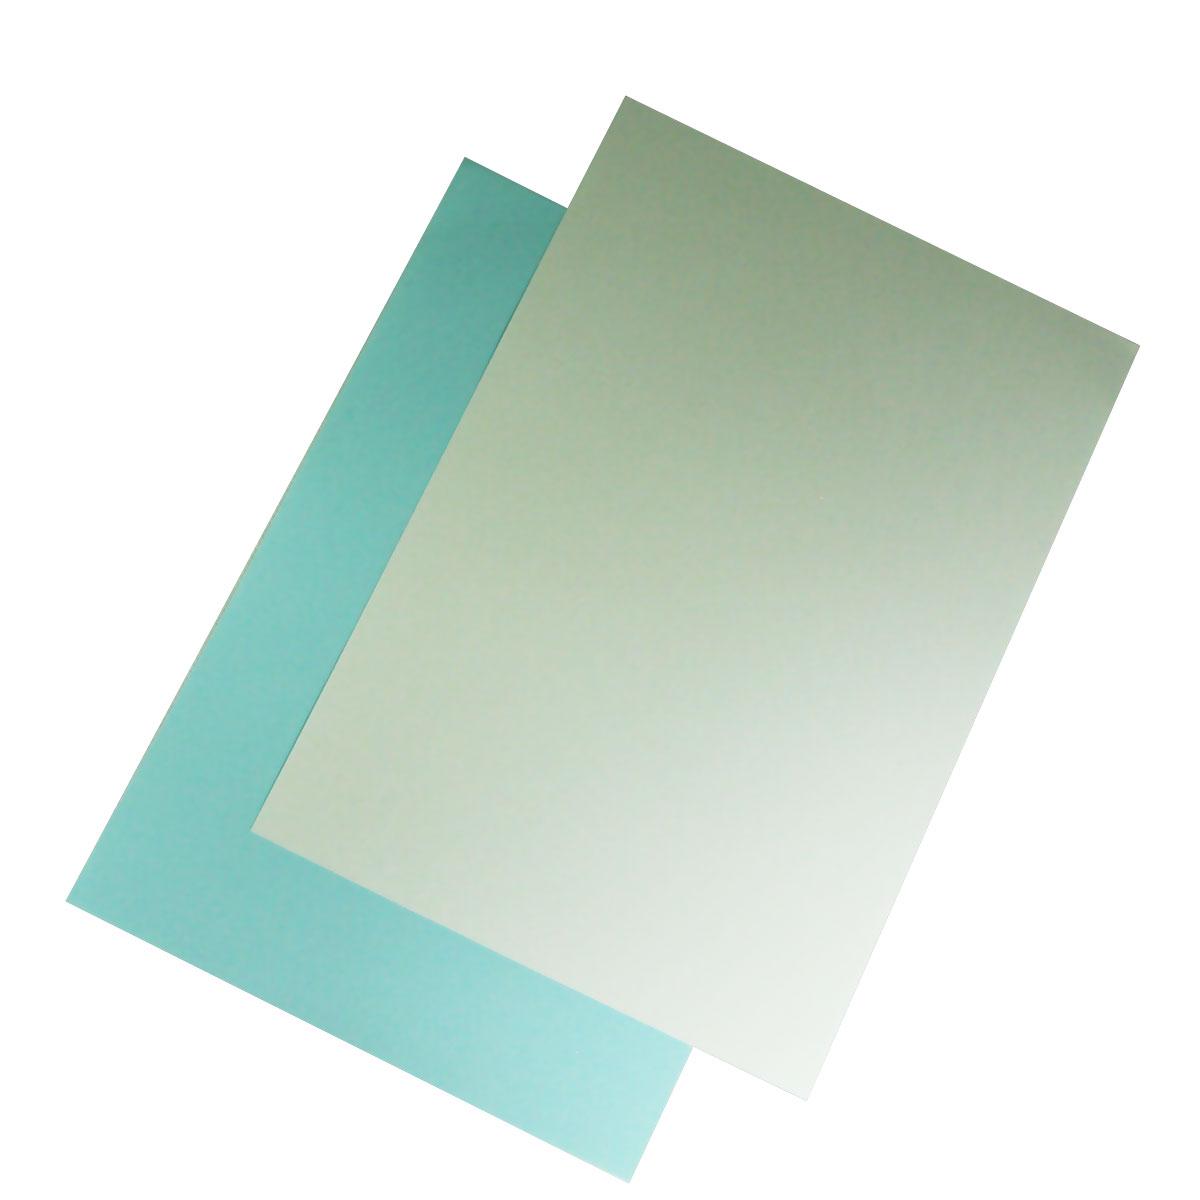 Waterslide - papier transferowy typu kalkomania do drukarek laserowych (przezroczysty)